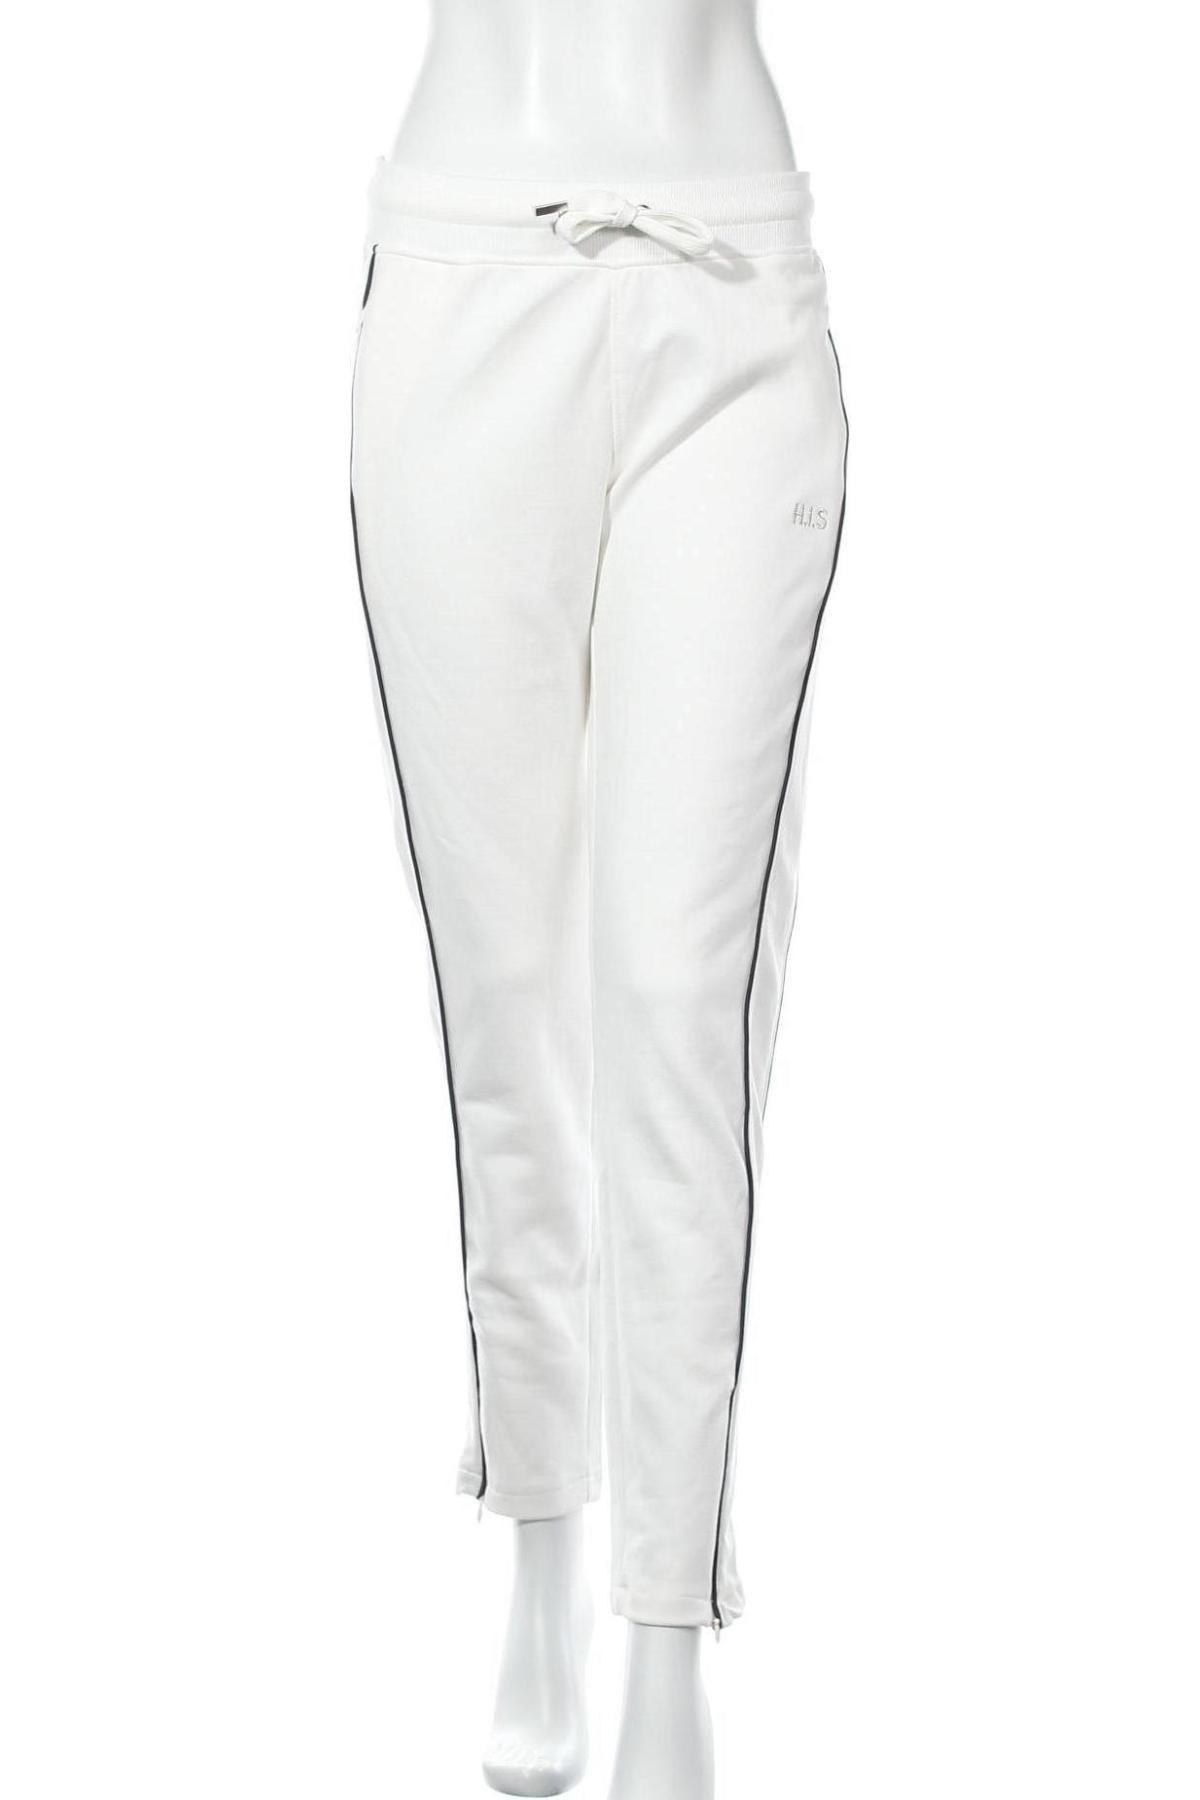 Γυναικείο αθλητικό παντελόνι H.i.s, Μέγεθος S, Χρώμα Λευκό, 60% βαμβάκι, 40% πολυεστέρας, Τιμή 17,64€